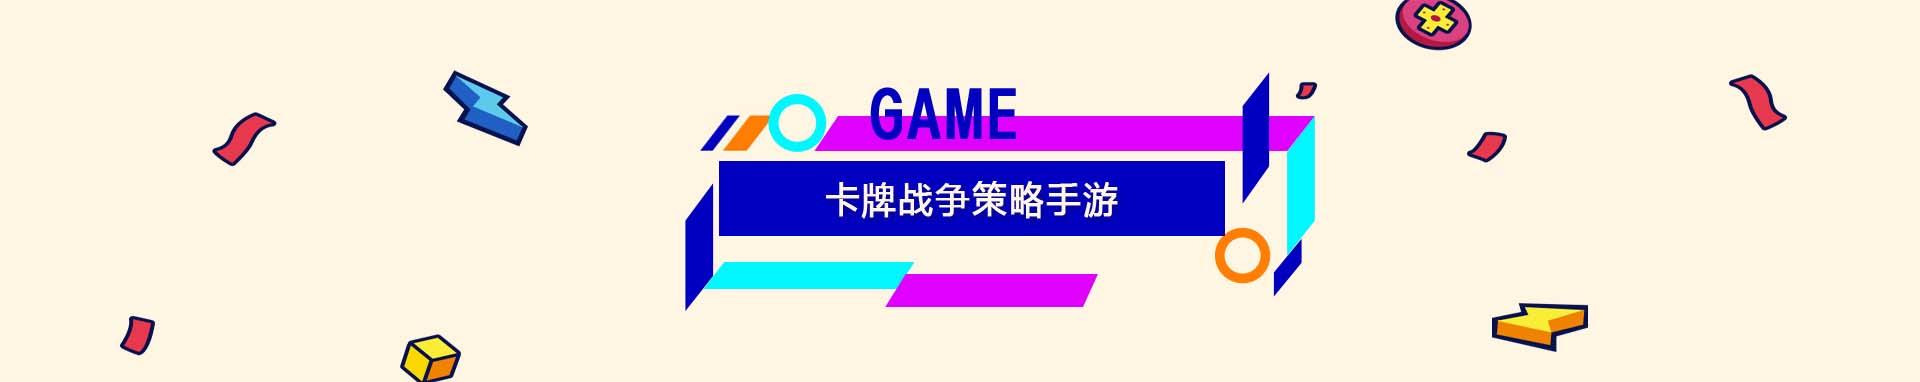 卡牌戰爭策略手游_斗蟹游戲網